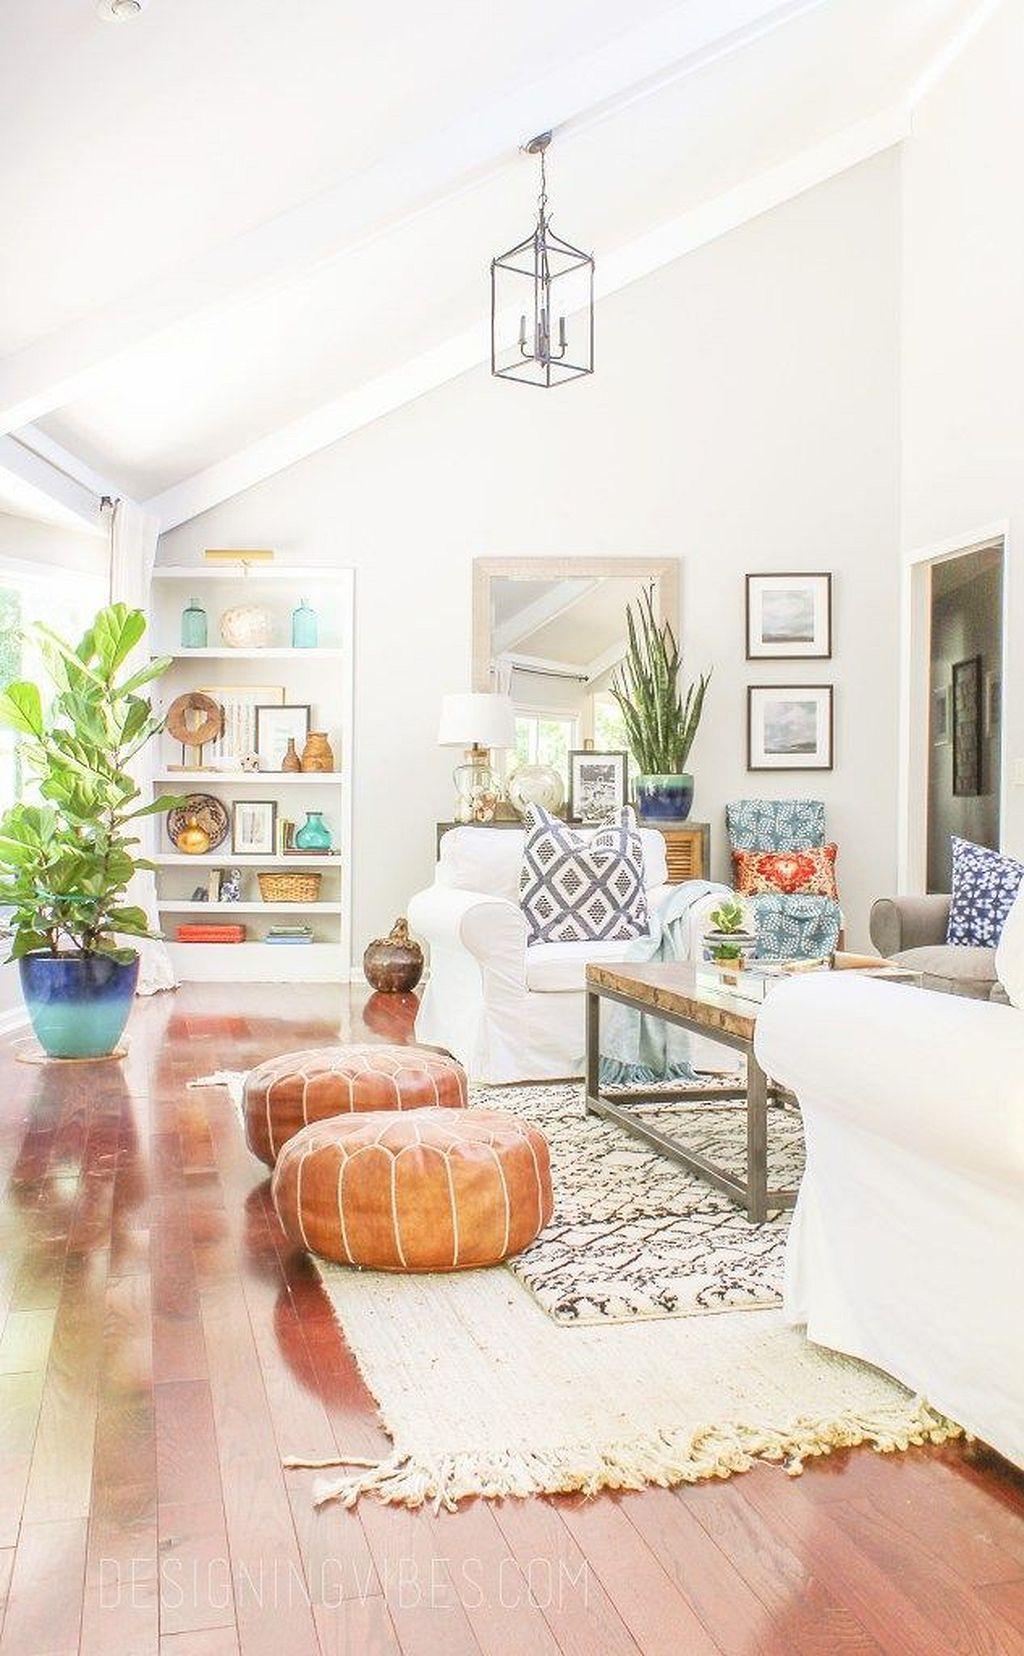 50 beautiful boho living room decoration ideas descubre inspiradoras ideas en nuestra revista de decoracin tendencias para el hogar manualidades y diy do it yourself transformars tu hogar solutioingenieria Choice Image